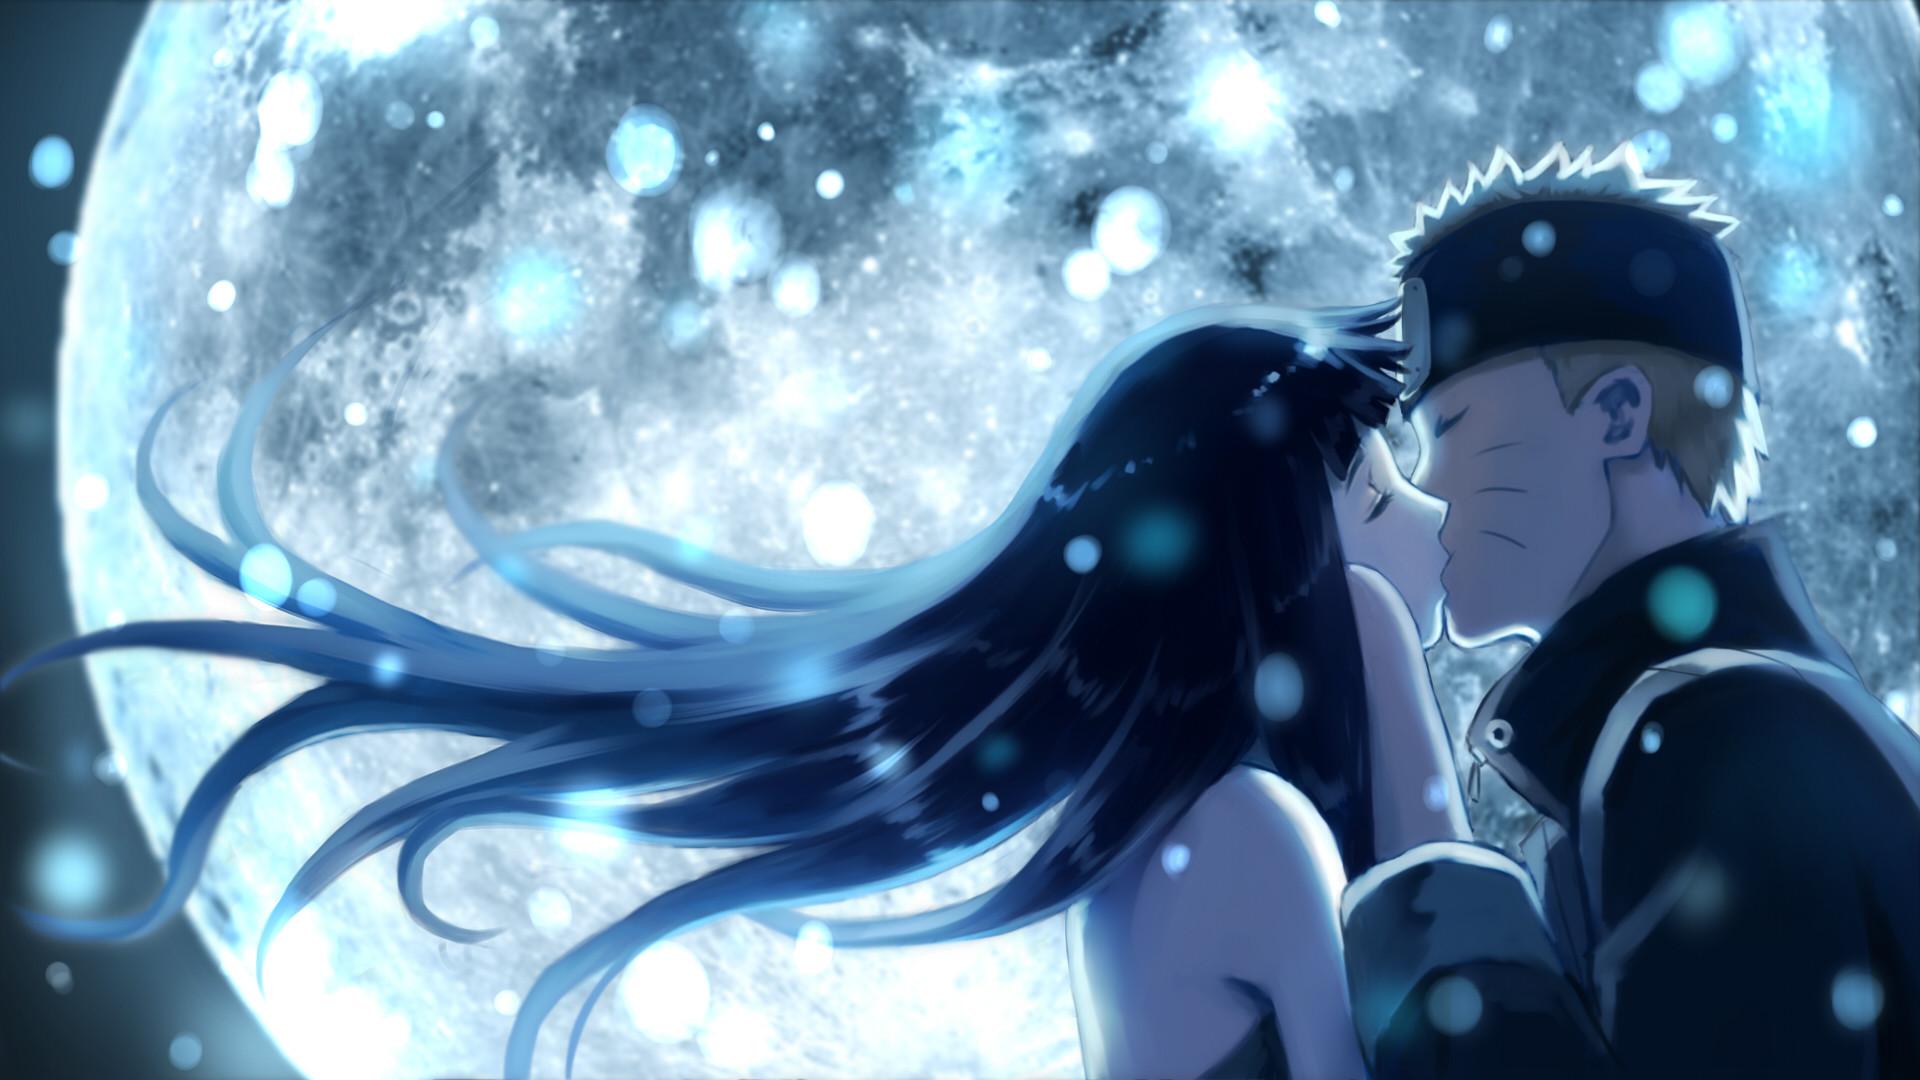 Image Result For Anime Wallpaper Narutoa